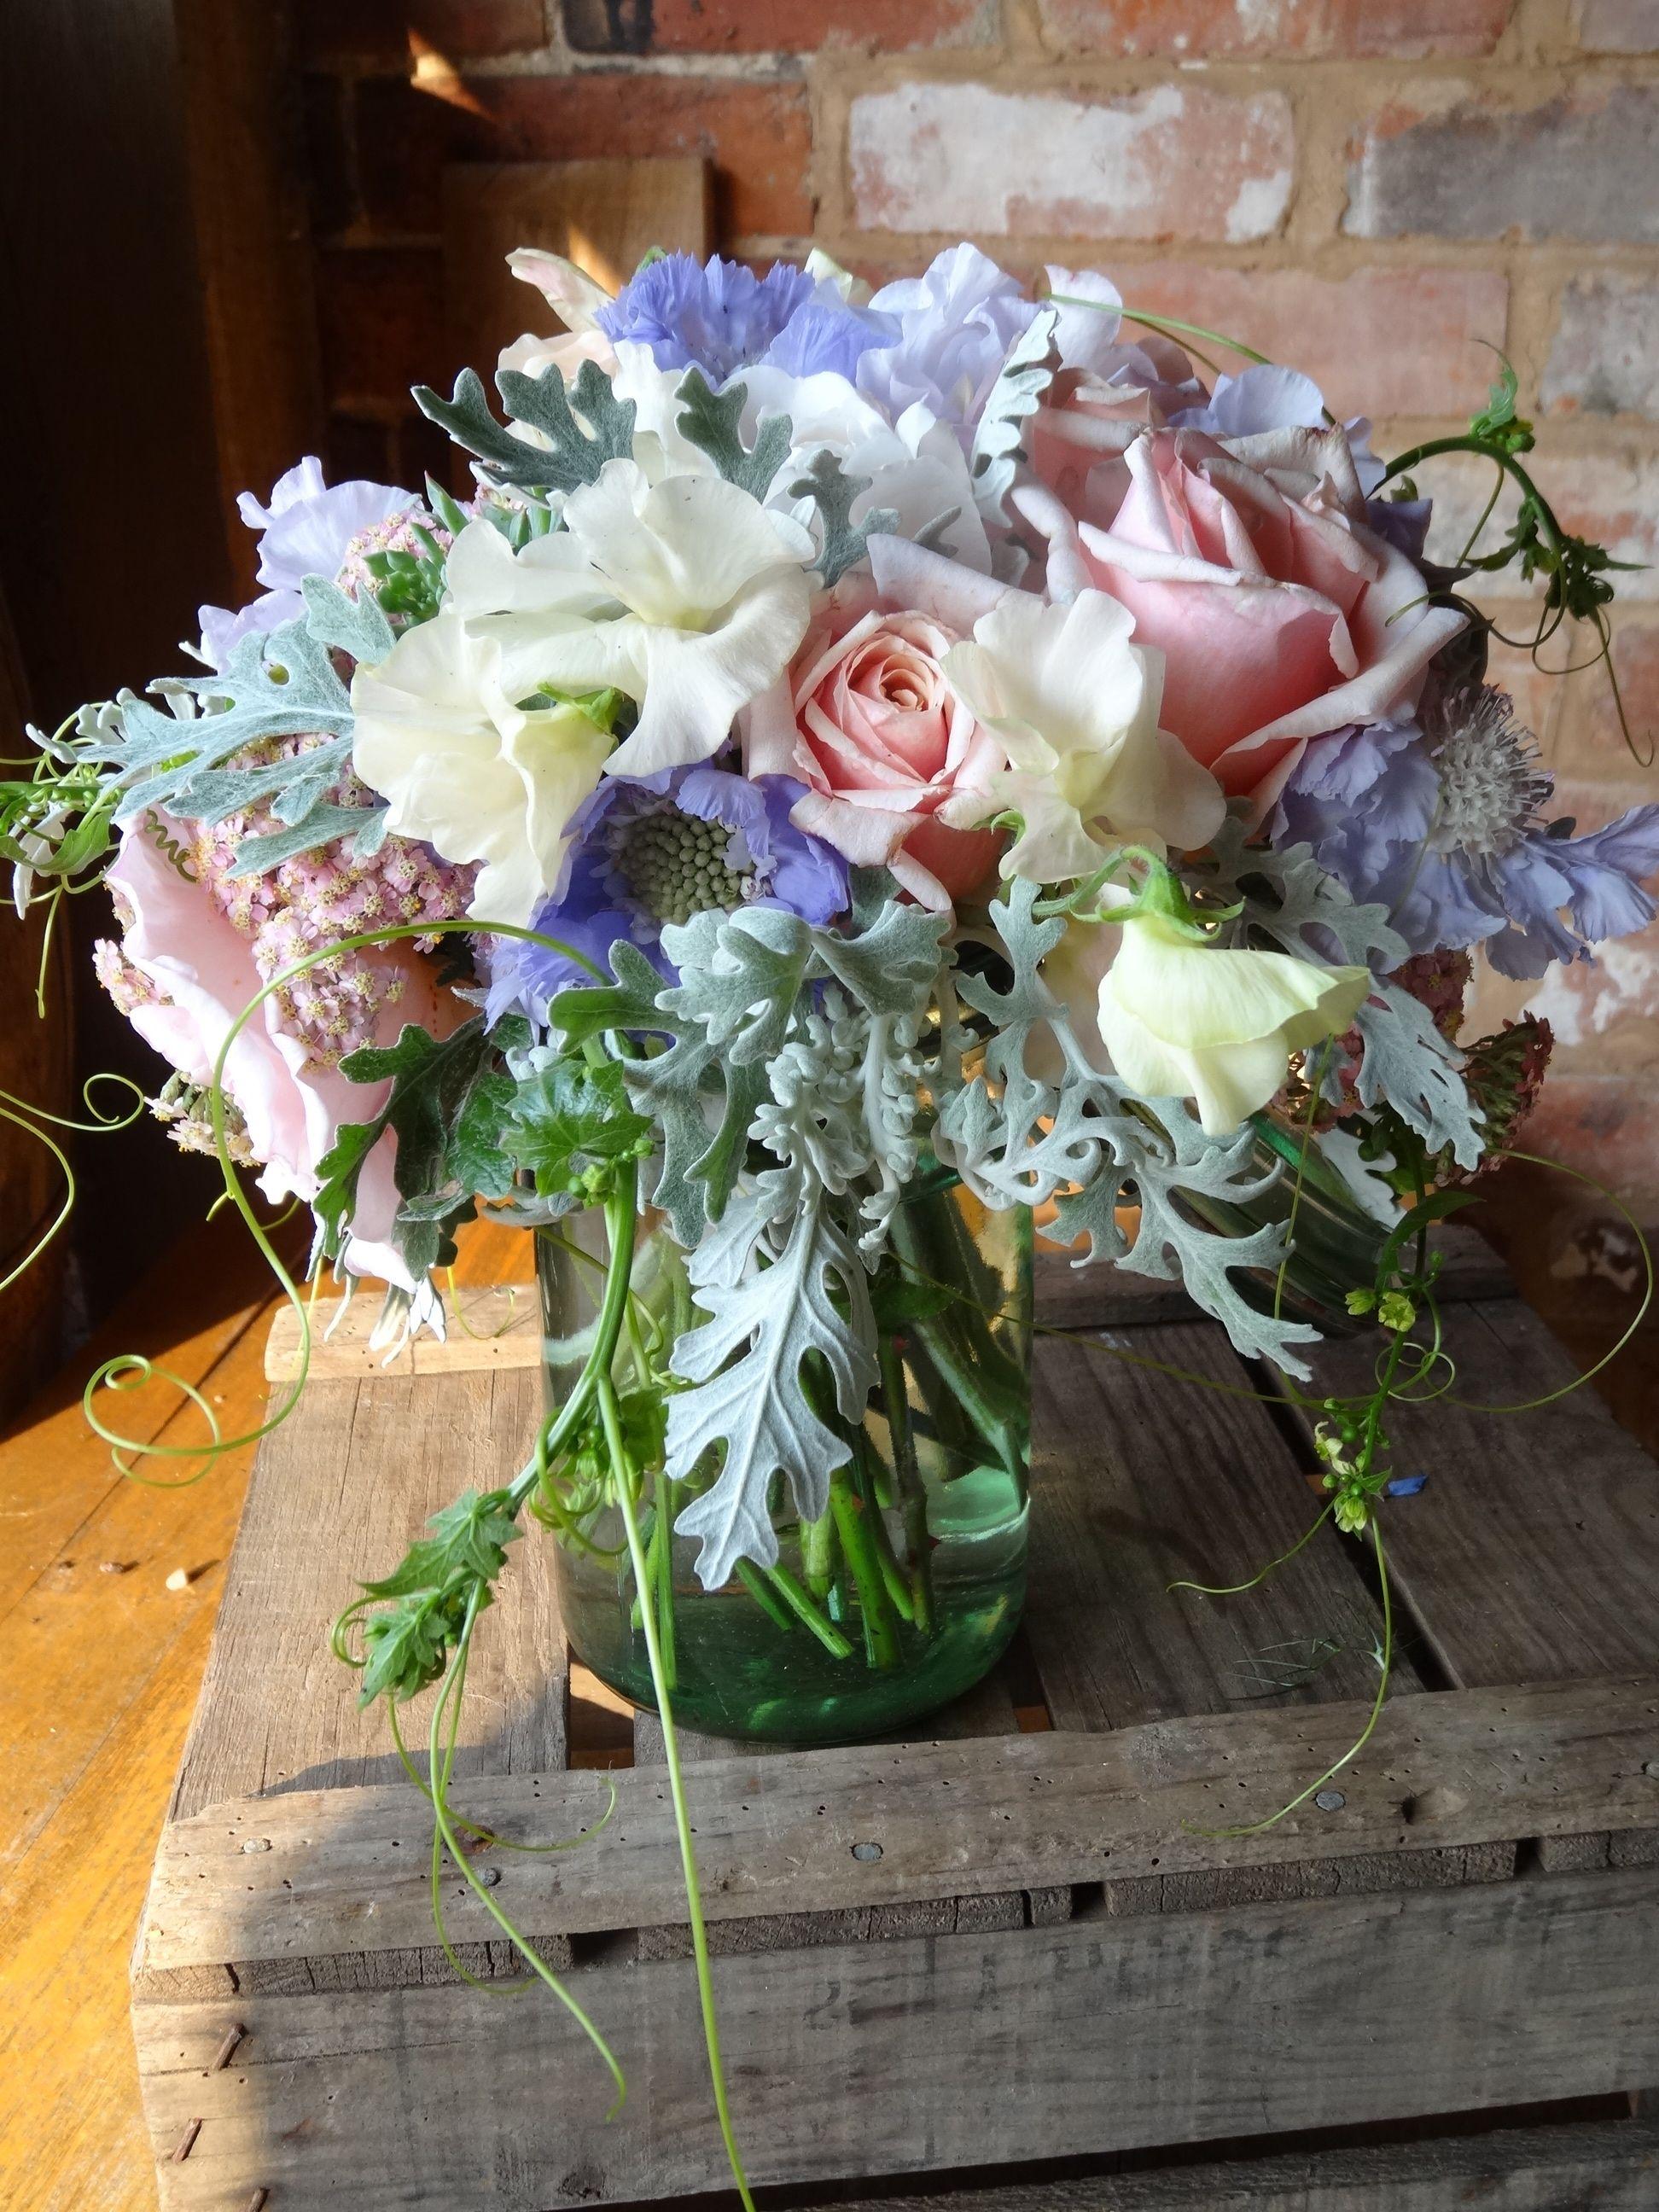 July flowers by Catkin www.catkinflowers.co.uk July